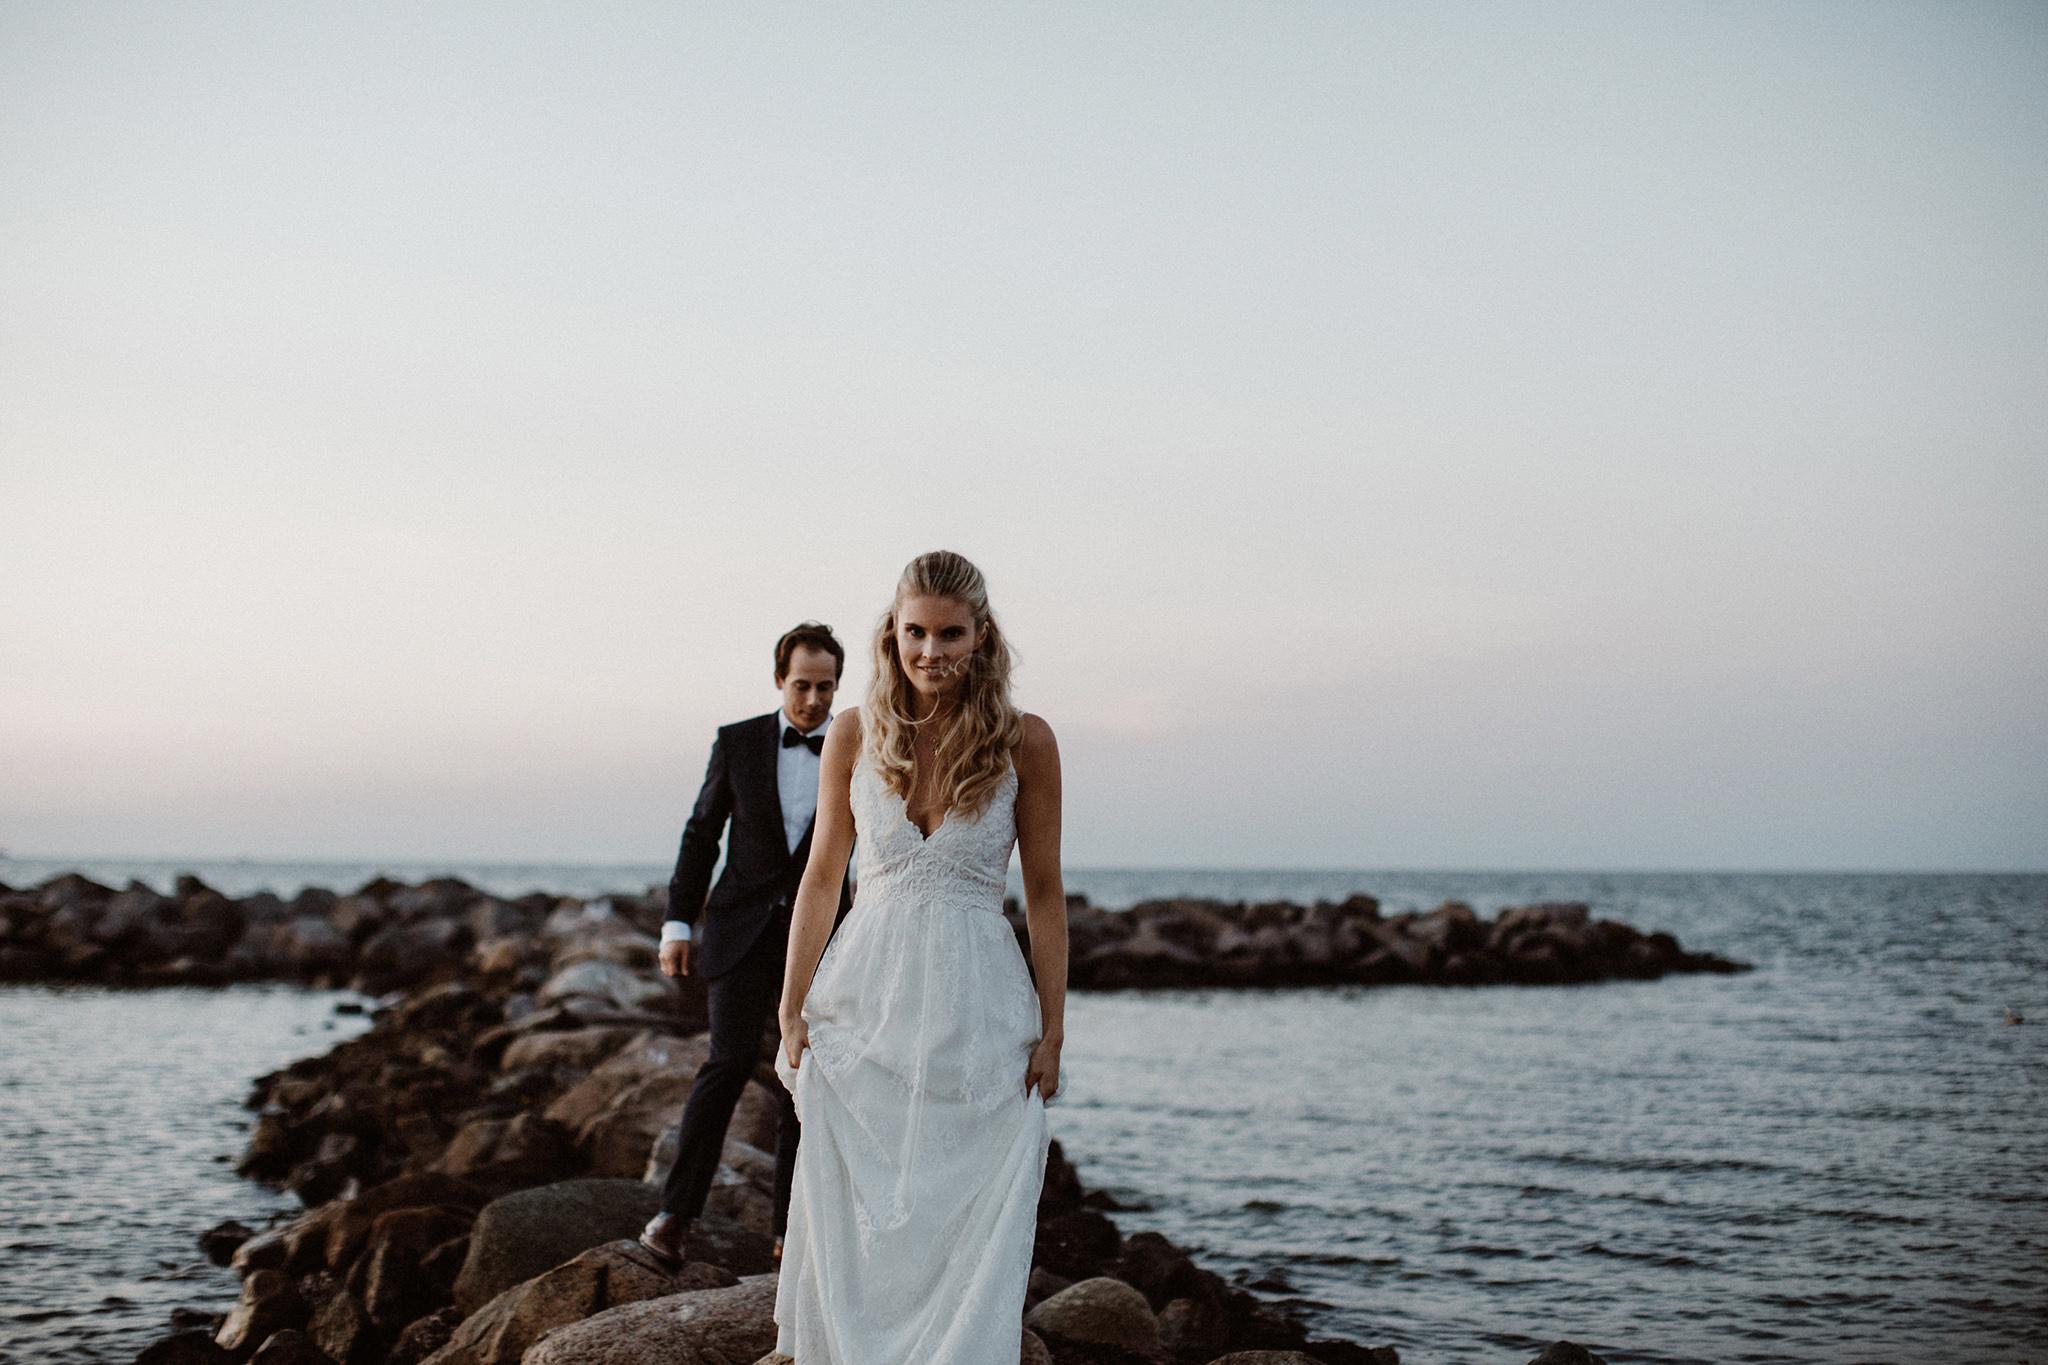 hochzeitsfotografie-kiel-norddeutschland-ostsee-afterwedding-32